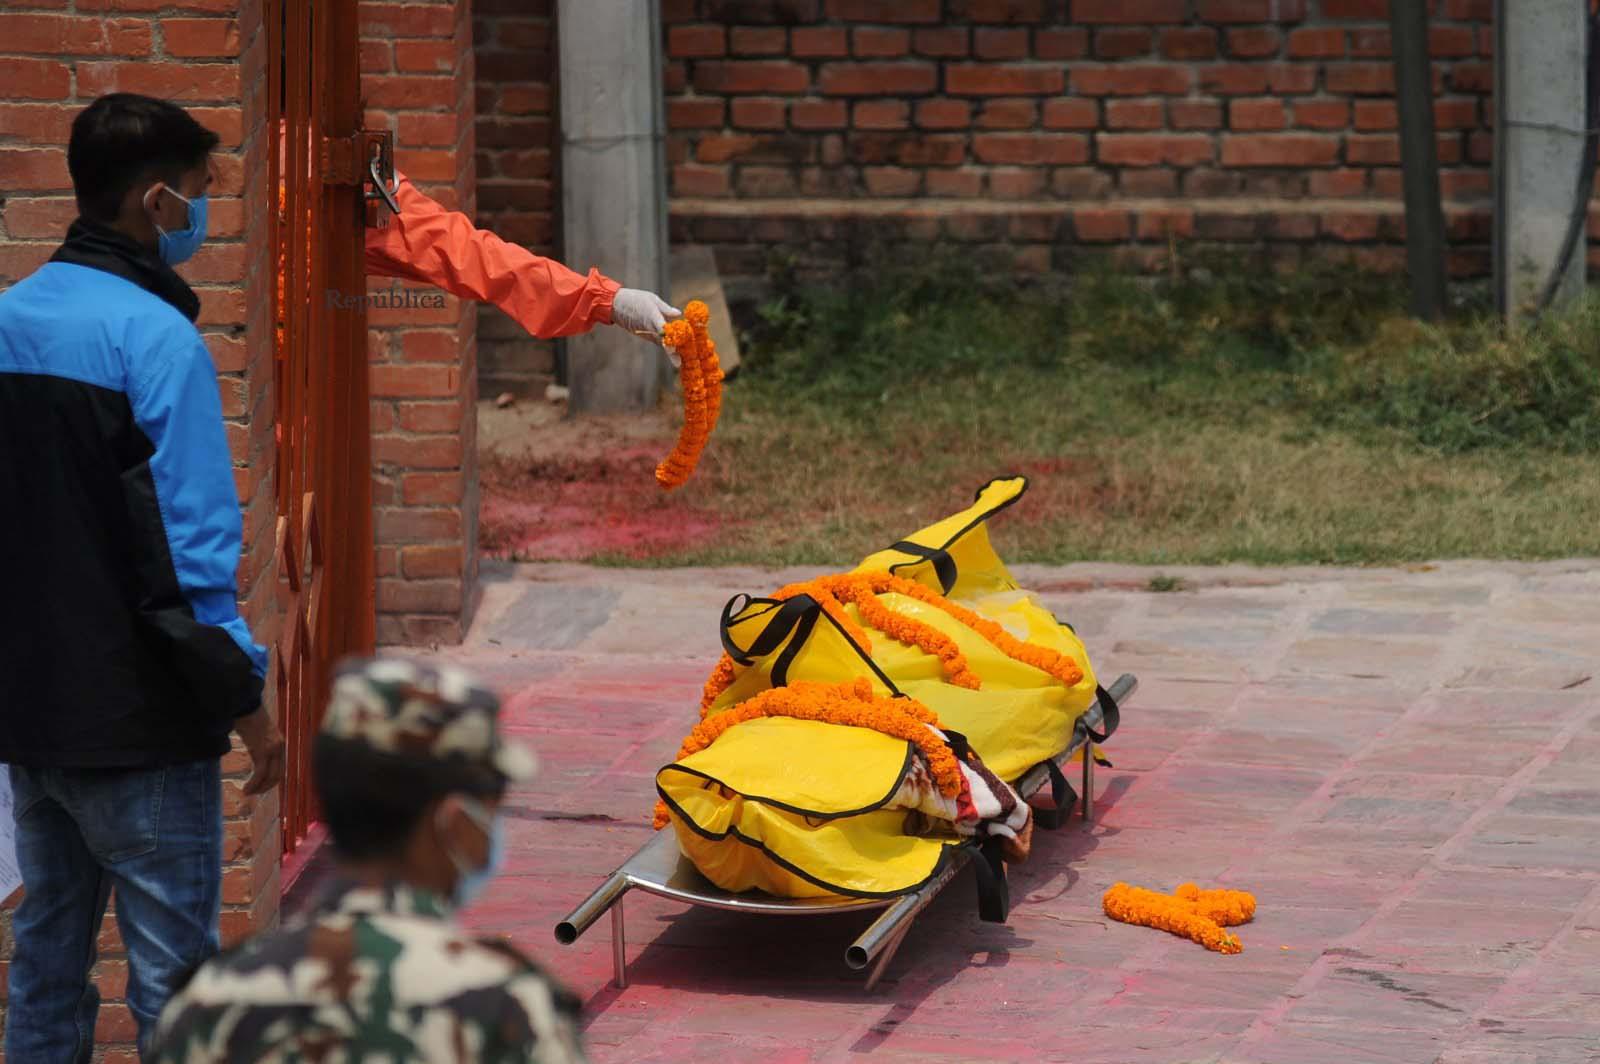 Thảm cảnh Covid-19 tại Nepal ngay lúc này: Lò hỏa thiêu nghi ngút khói đen nhả suốt ngày đêm, thân nhân uất nghẹn khóc ngất tiễn biệt người chết qua cánh cổng sắt - Ảnh 13.